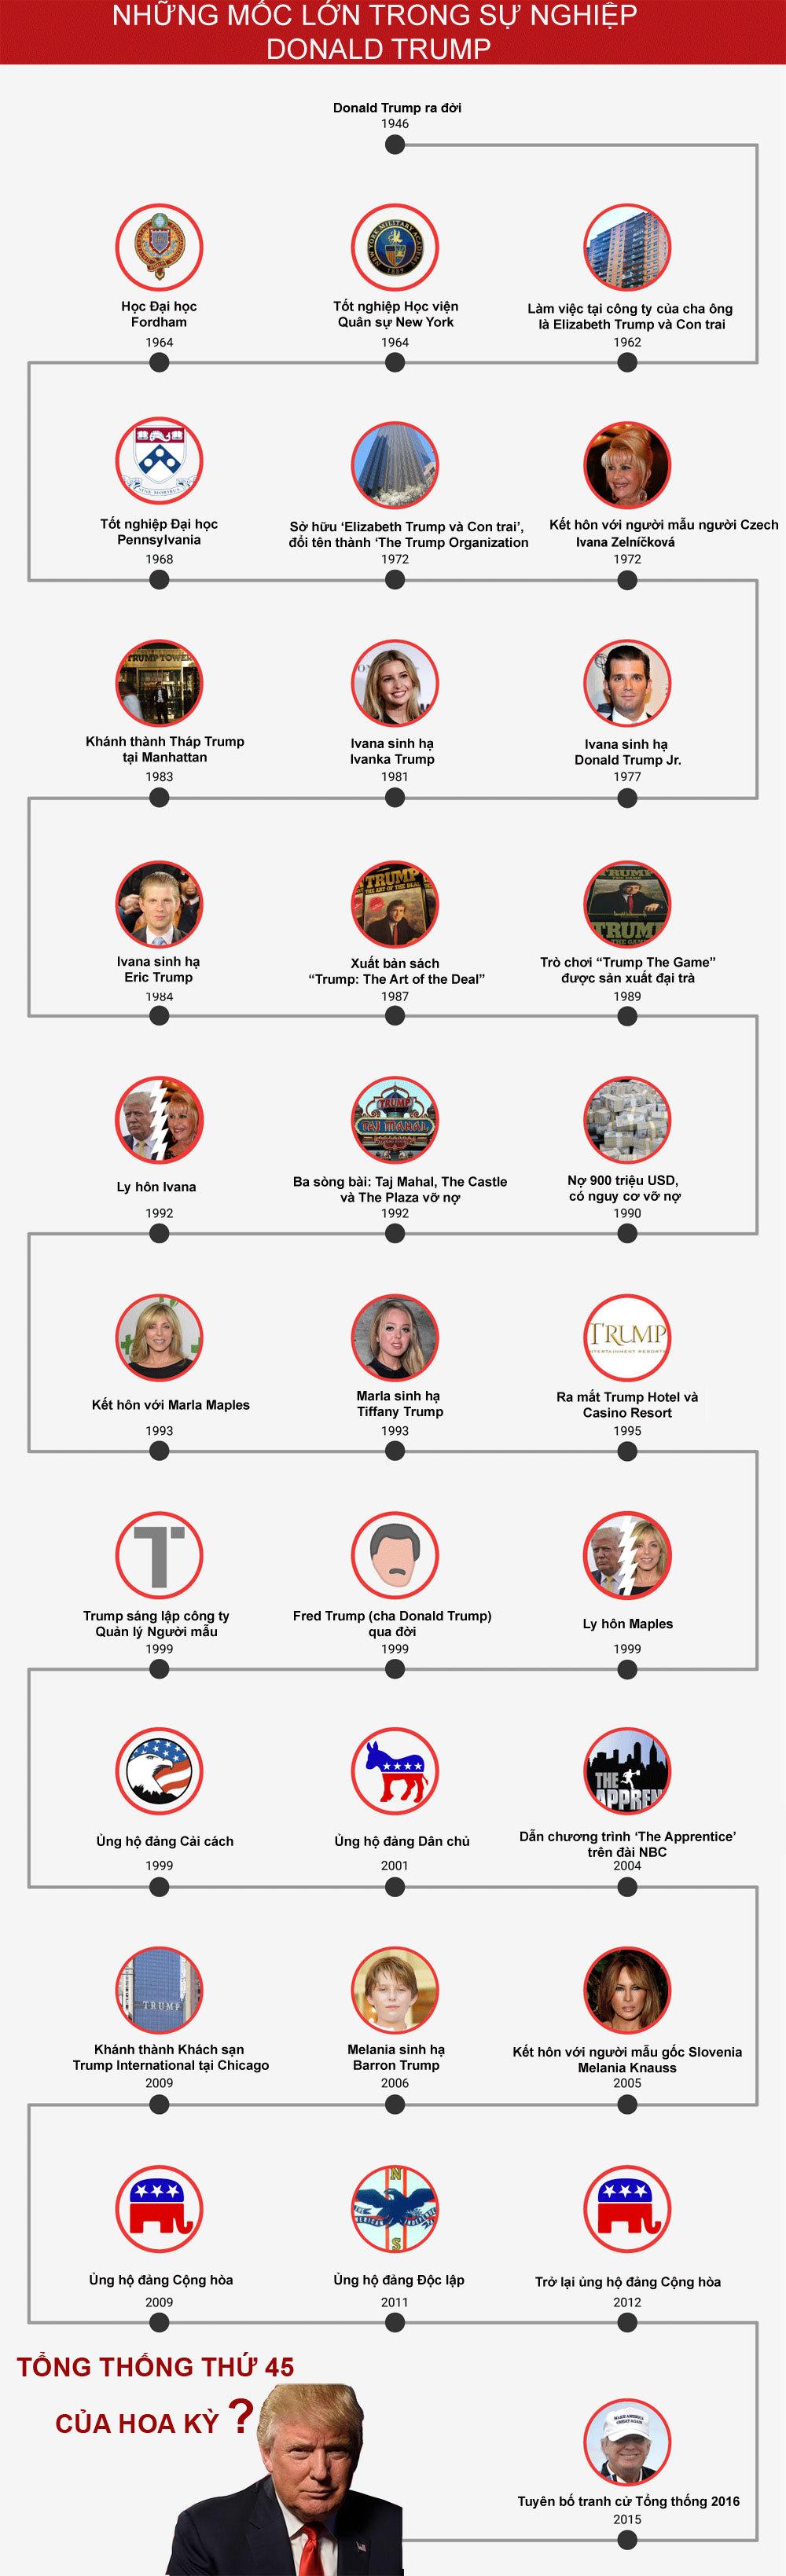 Những mốc lớn trong đời Donald Trump, có đến được Nhà Trắng?